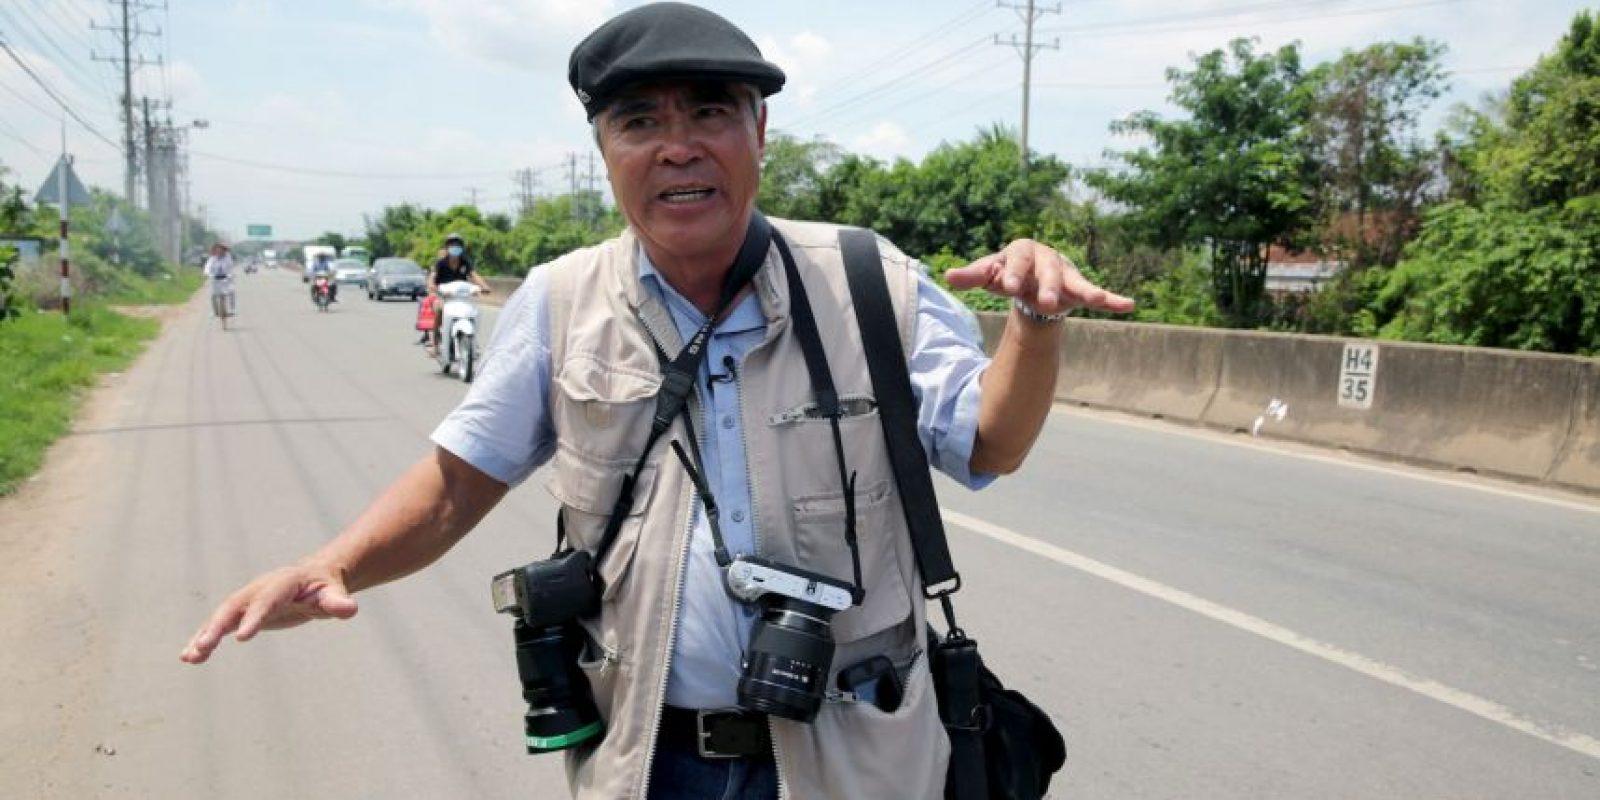 El fotógrafo Nick Ut, regresó al lugar dondé hizo una de las imágenes más famosas de la historia. Foto:AP